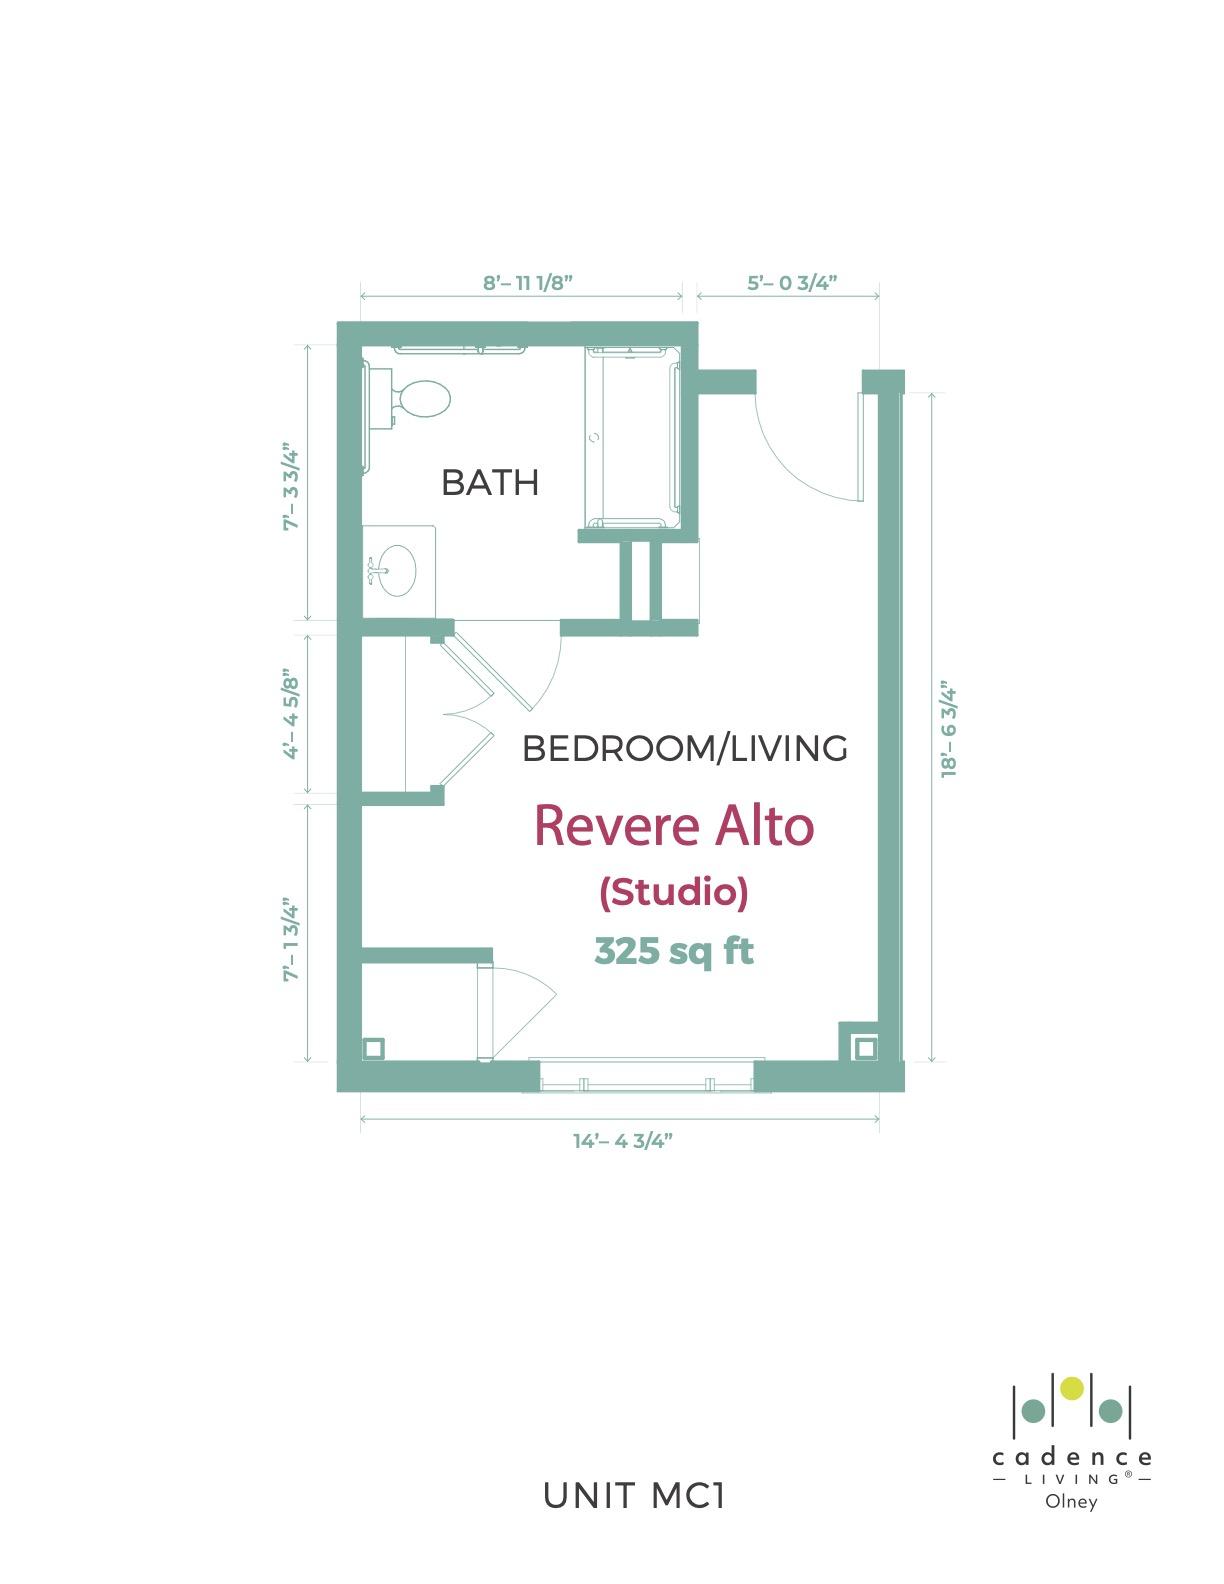 Revere Alto Studio Floor Plan